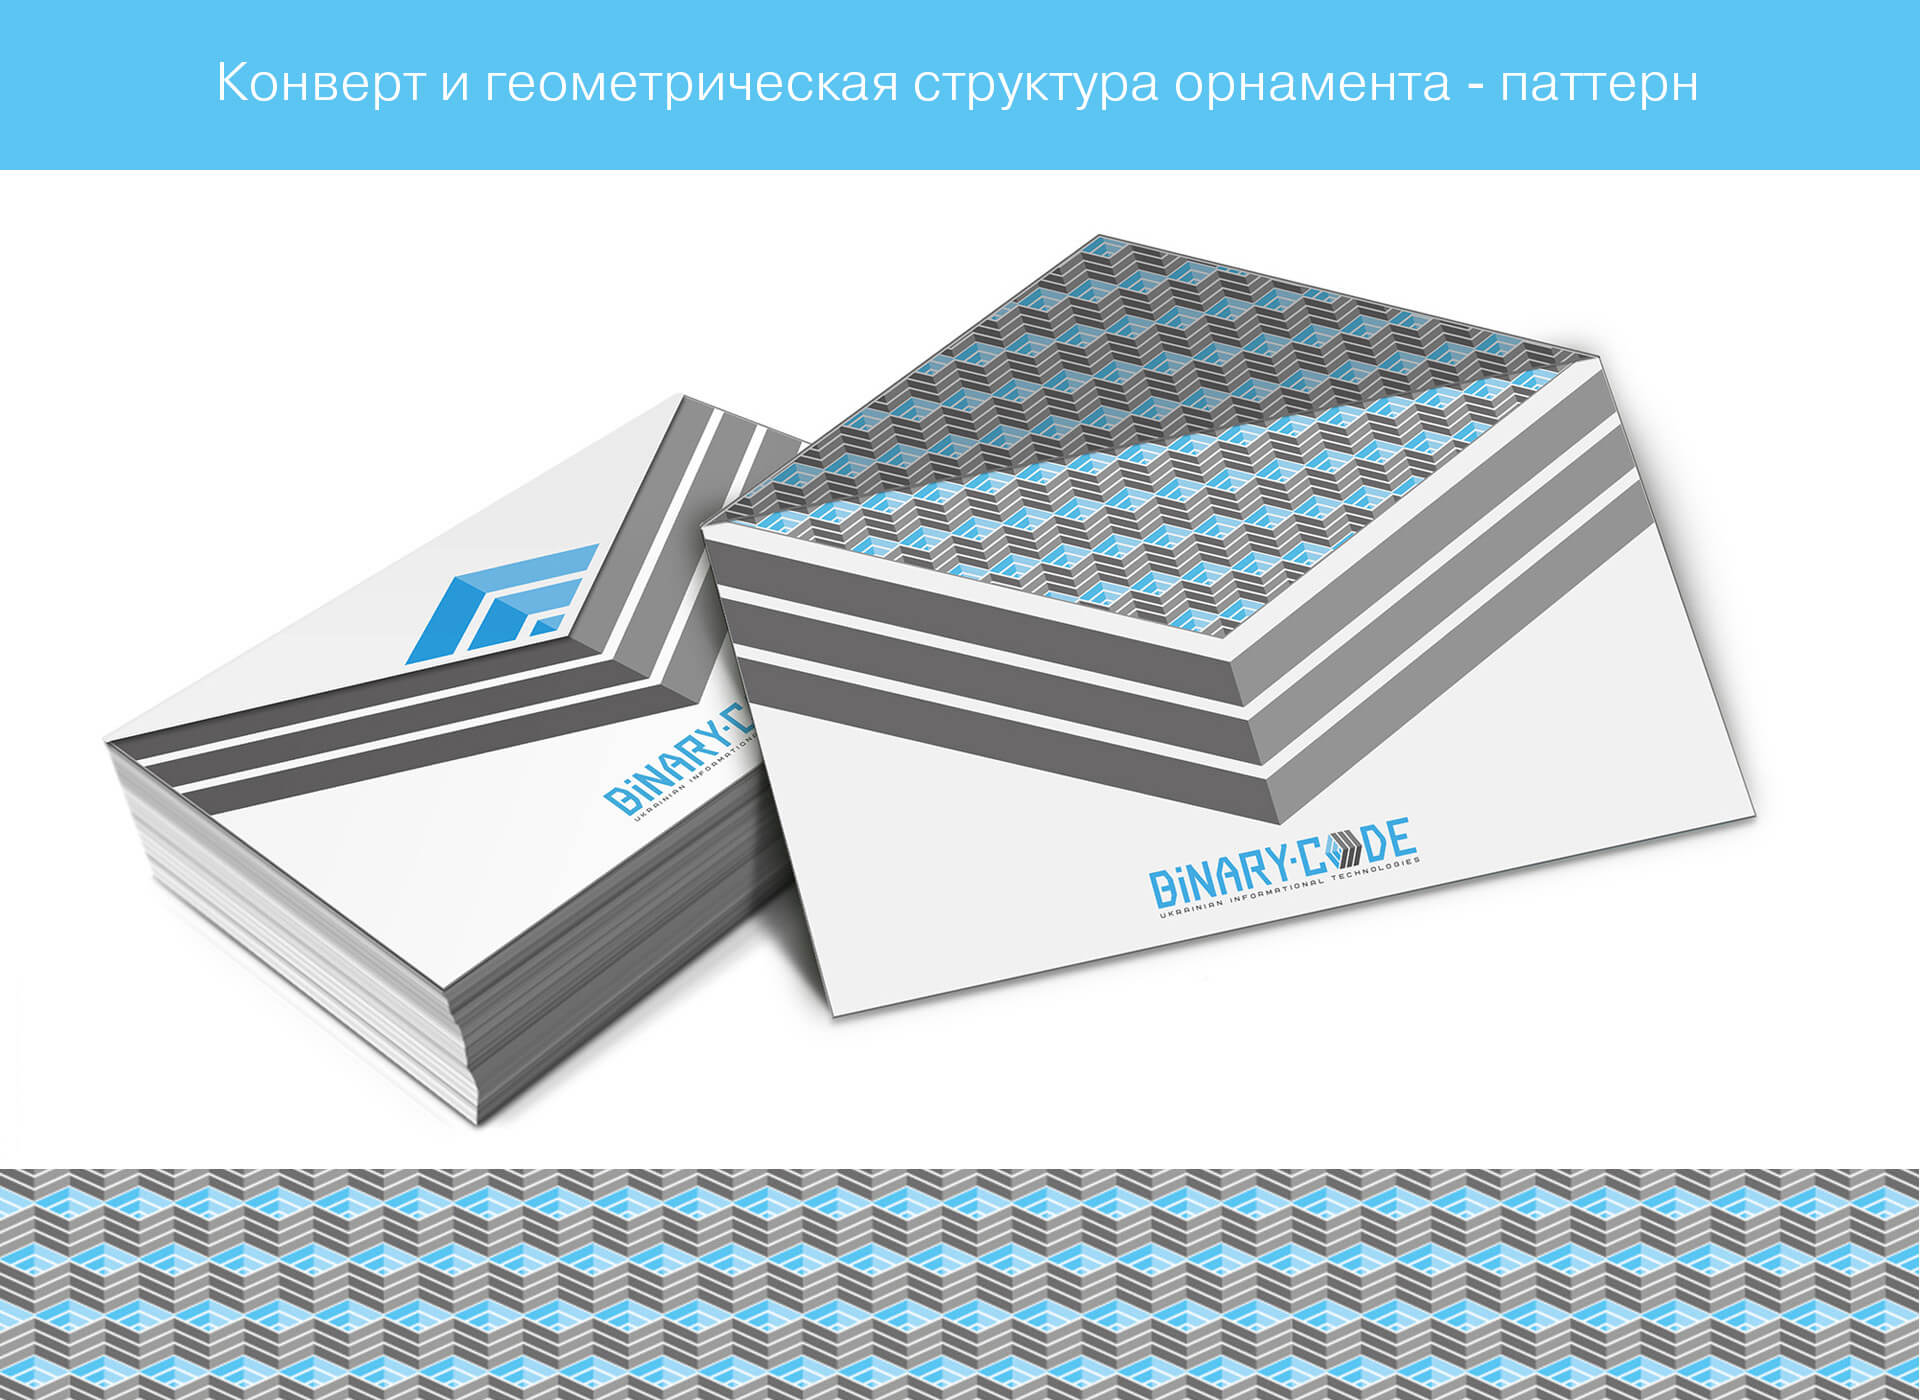 Разработка и создание конверта (брендинг) от Fantastic Imago брендиногове рекламное агентство